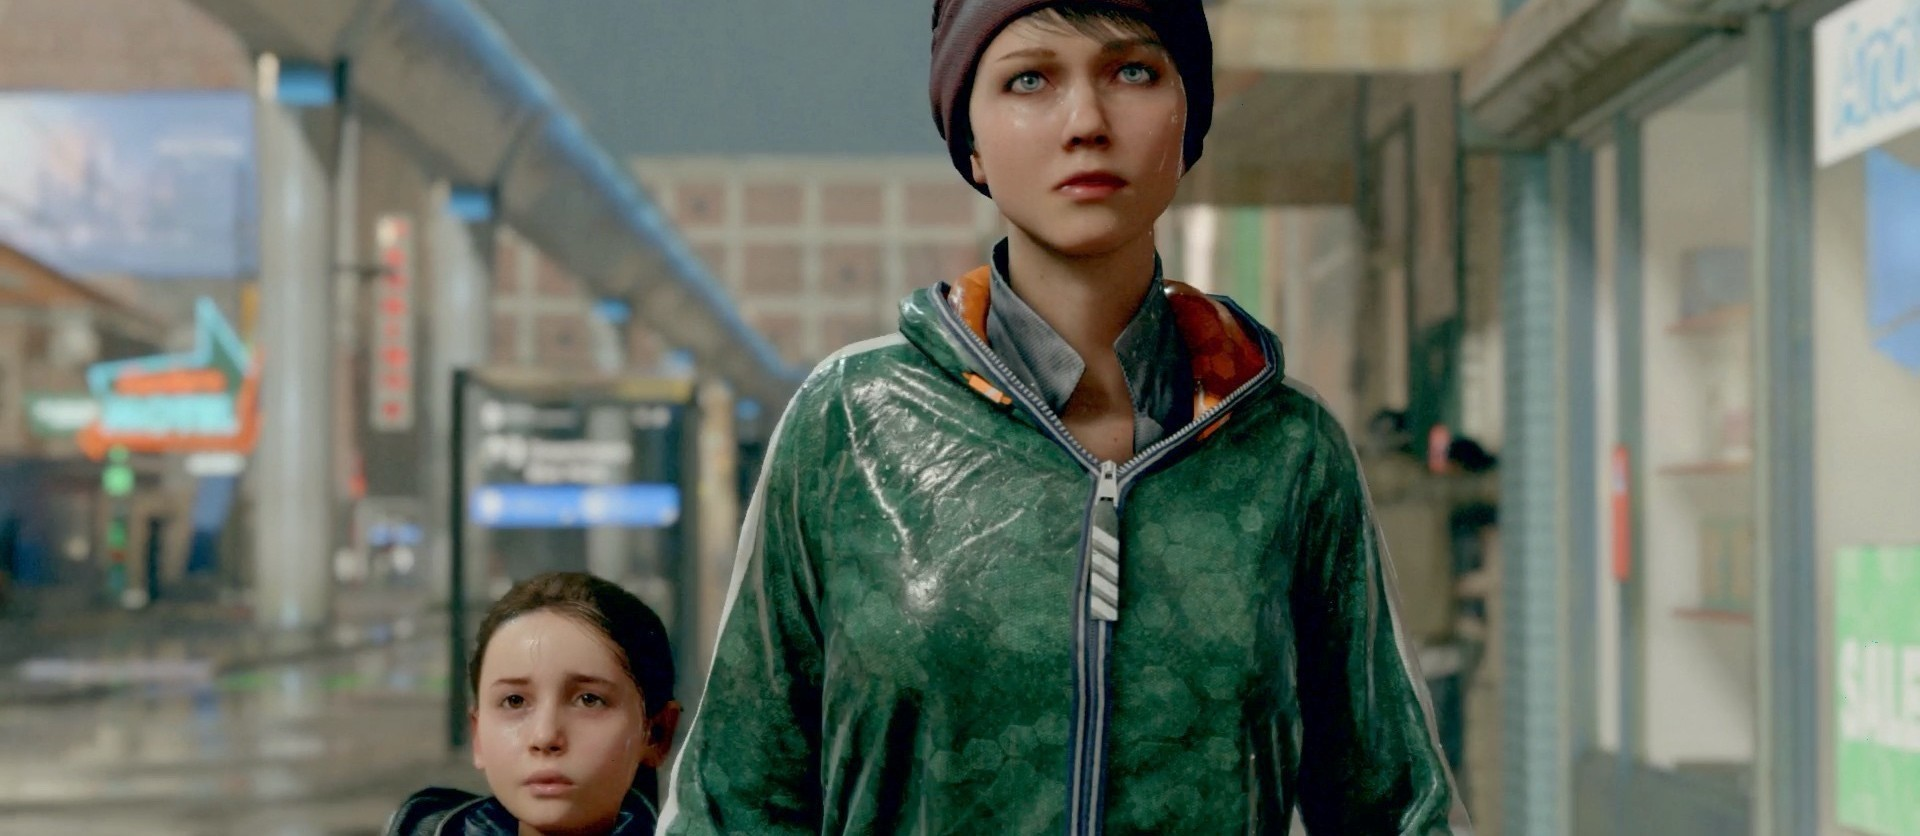 Alice und Kara aus Detroit Become Human